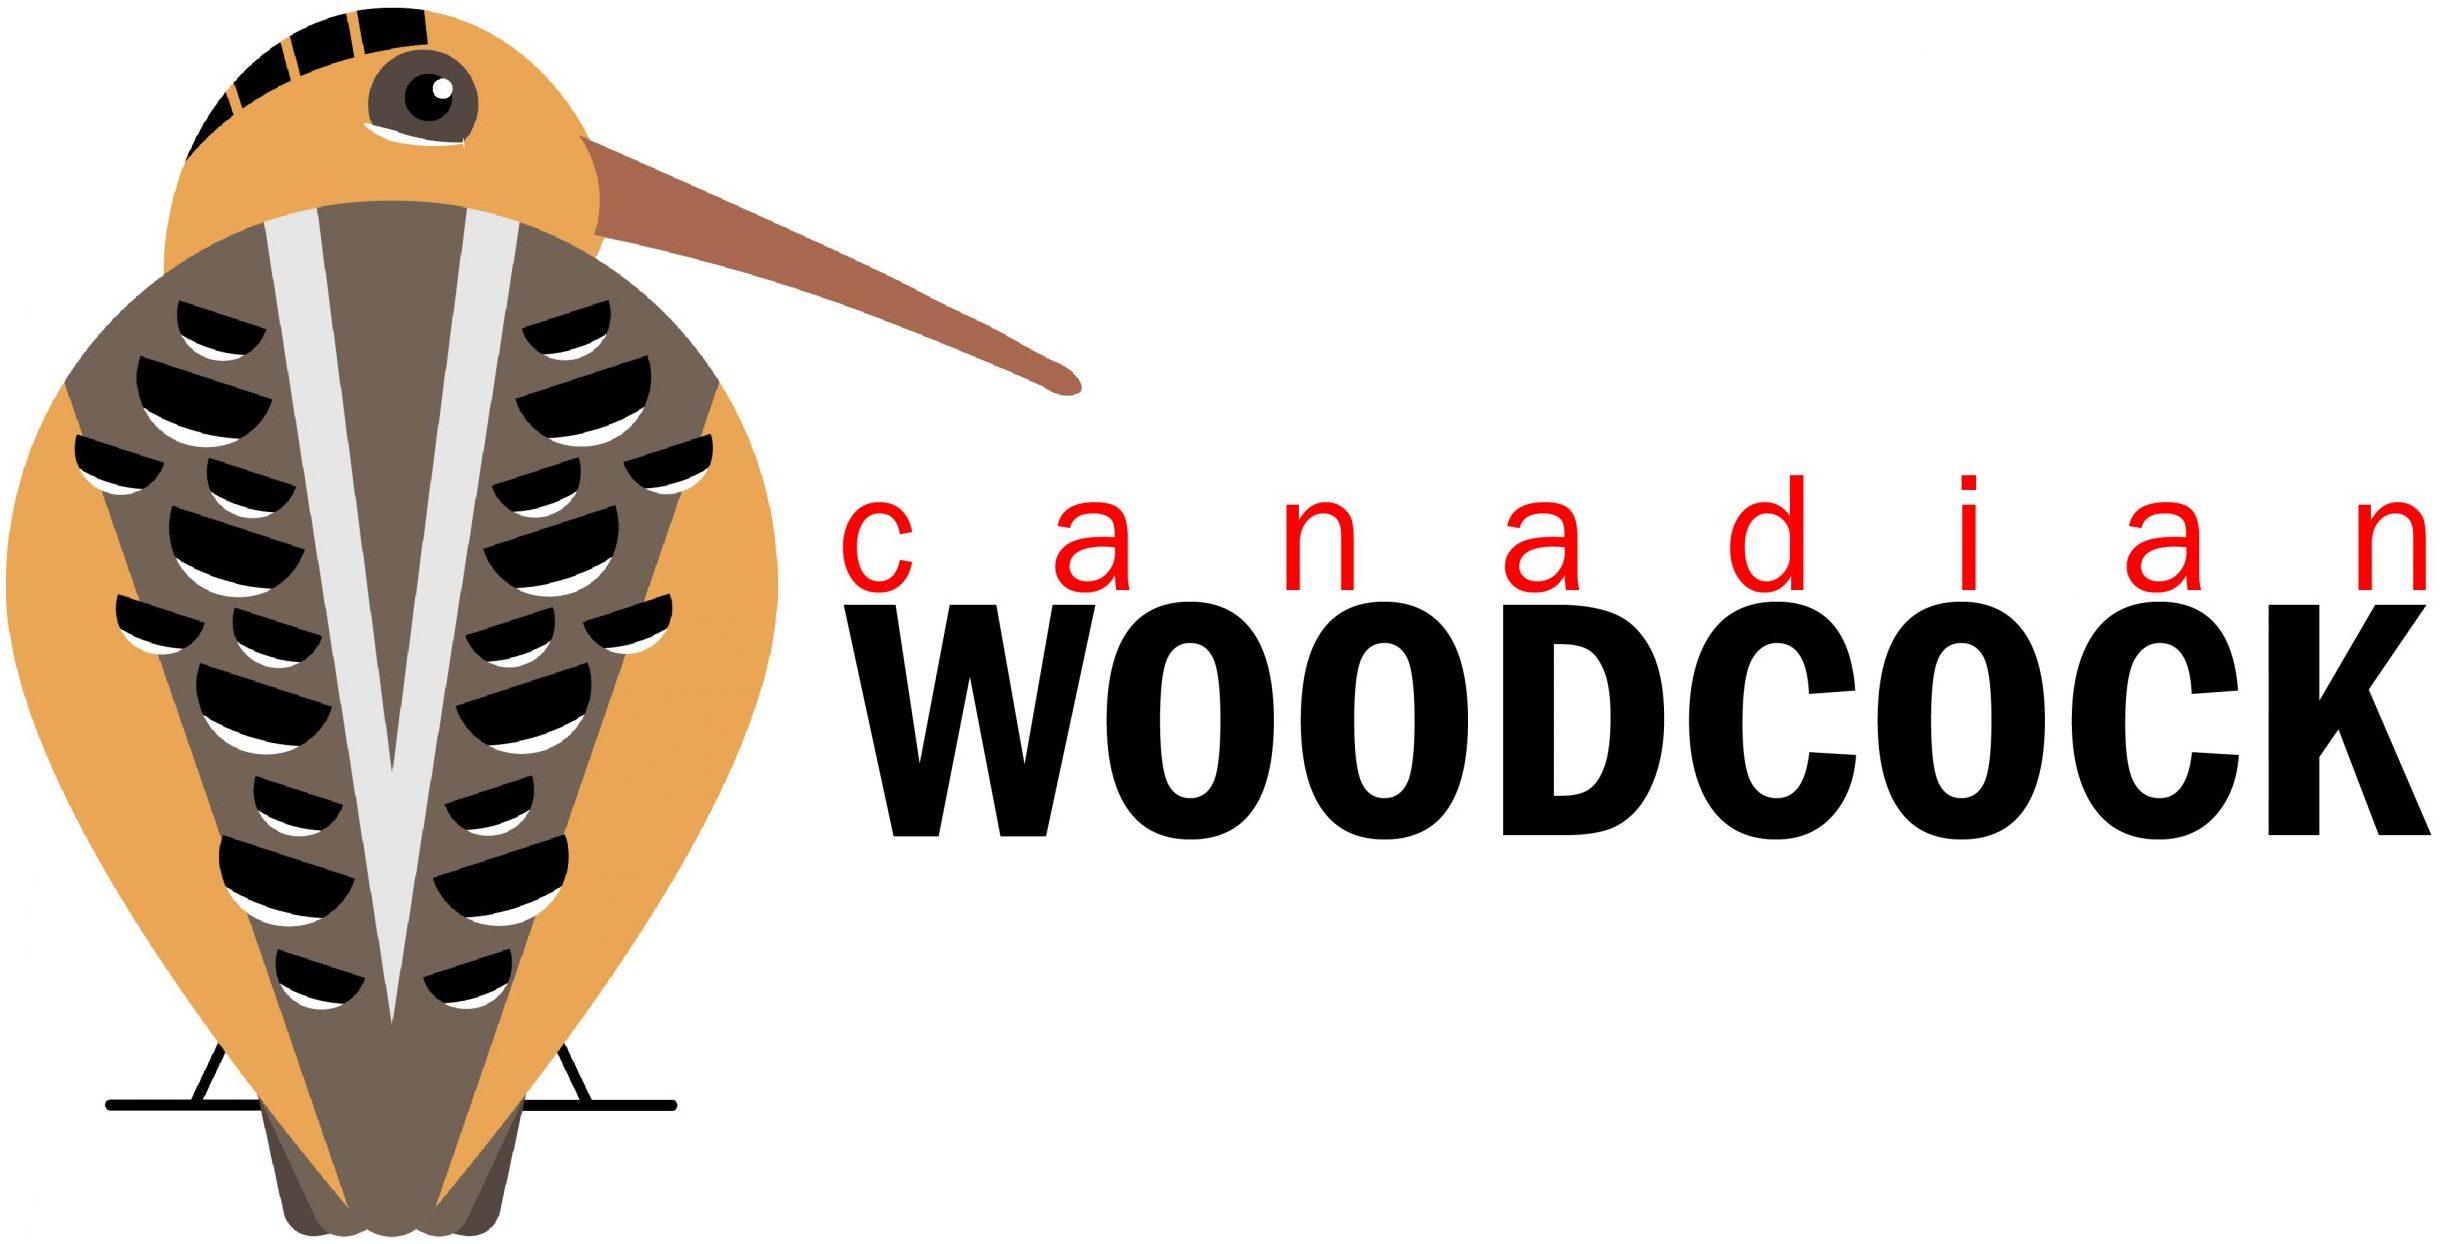 CanadianWoodcock.com